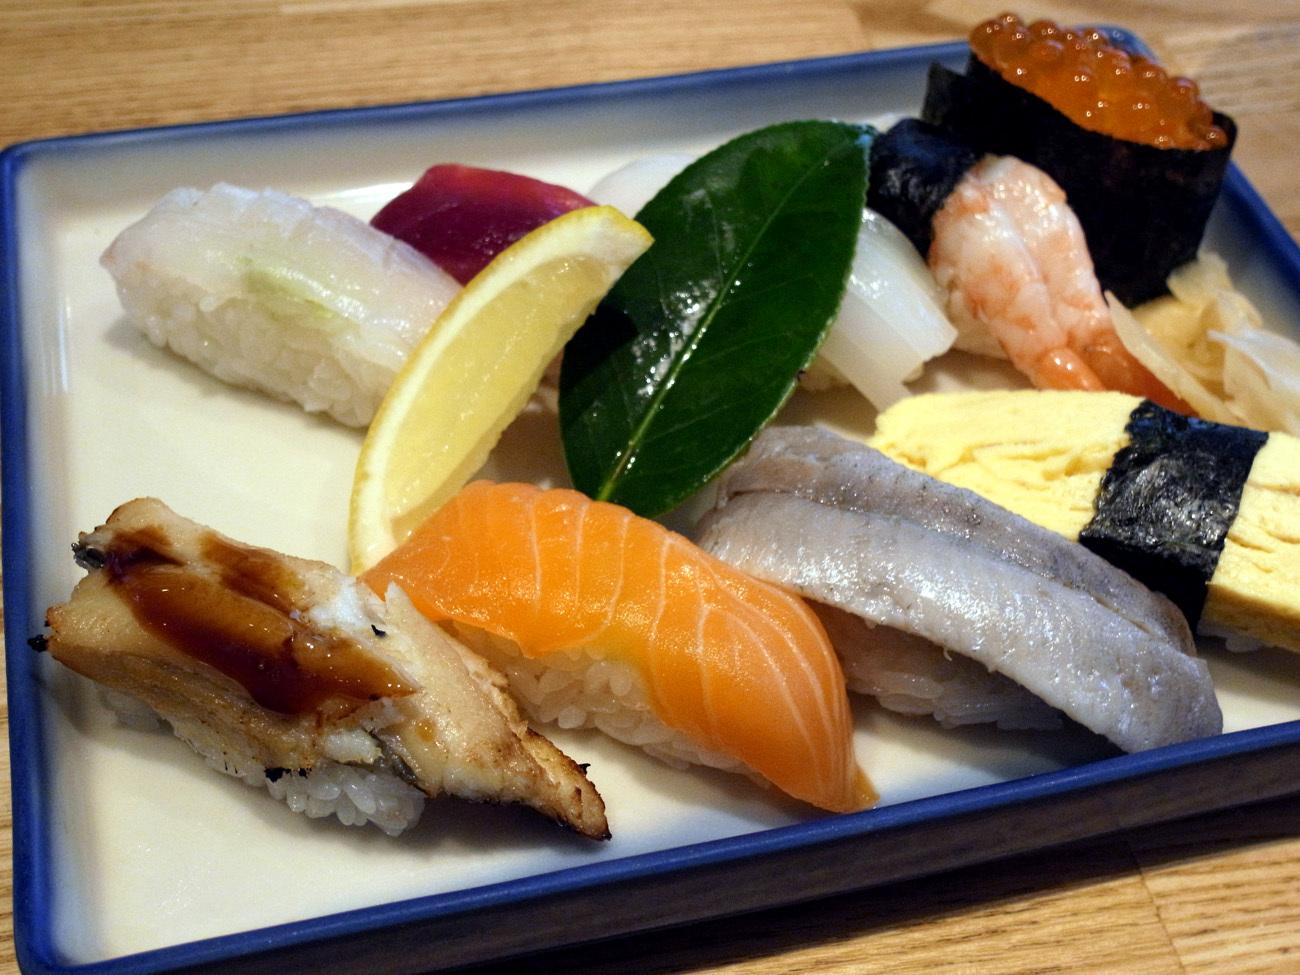 コスパ高めでサービスも良し〔八三郎/寿司・鮮魚料理/各線日本橋〕_f0195971_10343516.jpg